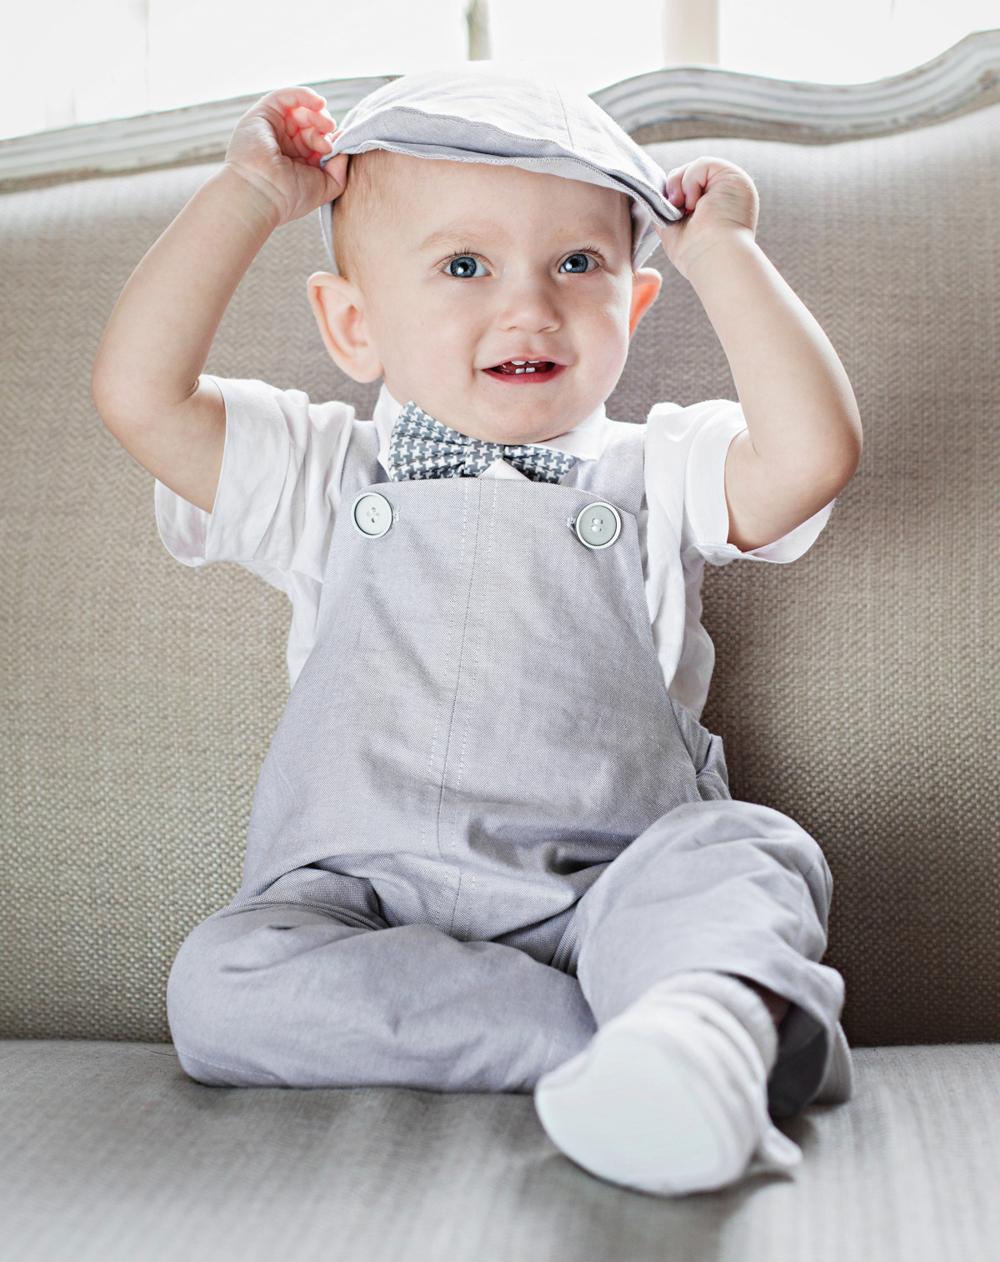 e6d47535d8 Ubranka do chrztu dla chłopca na lato 2018 - Odzież wizytowa dla dzieci  sklep internetowy AZUZA